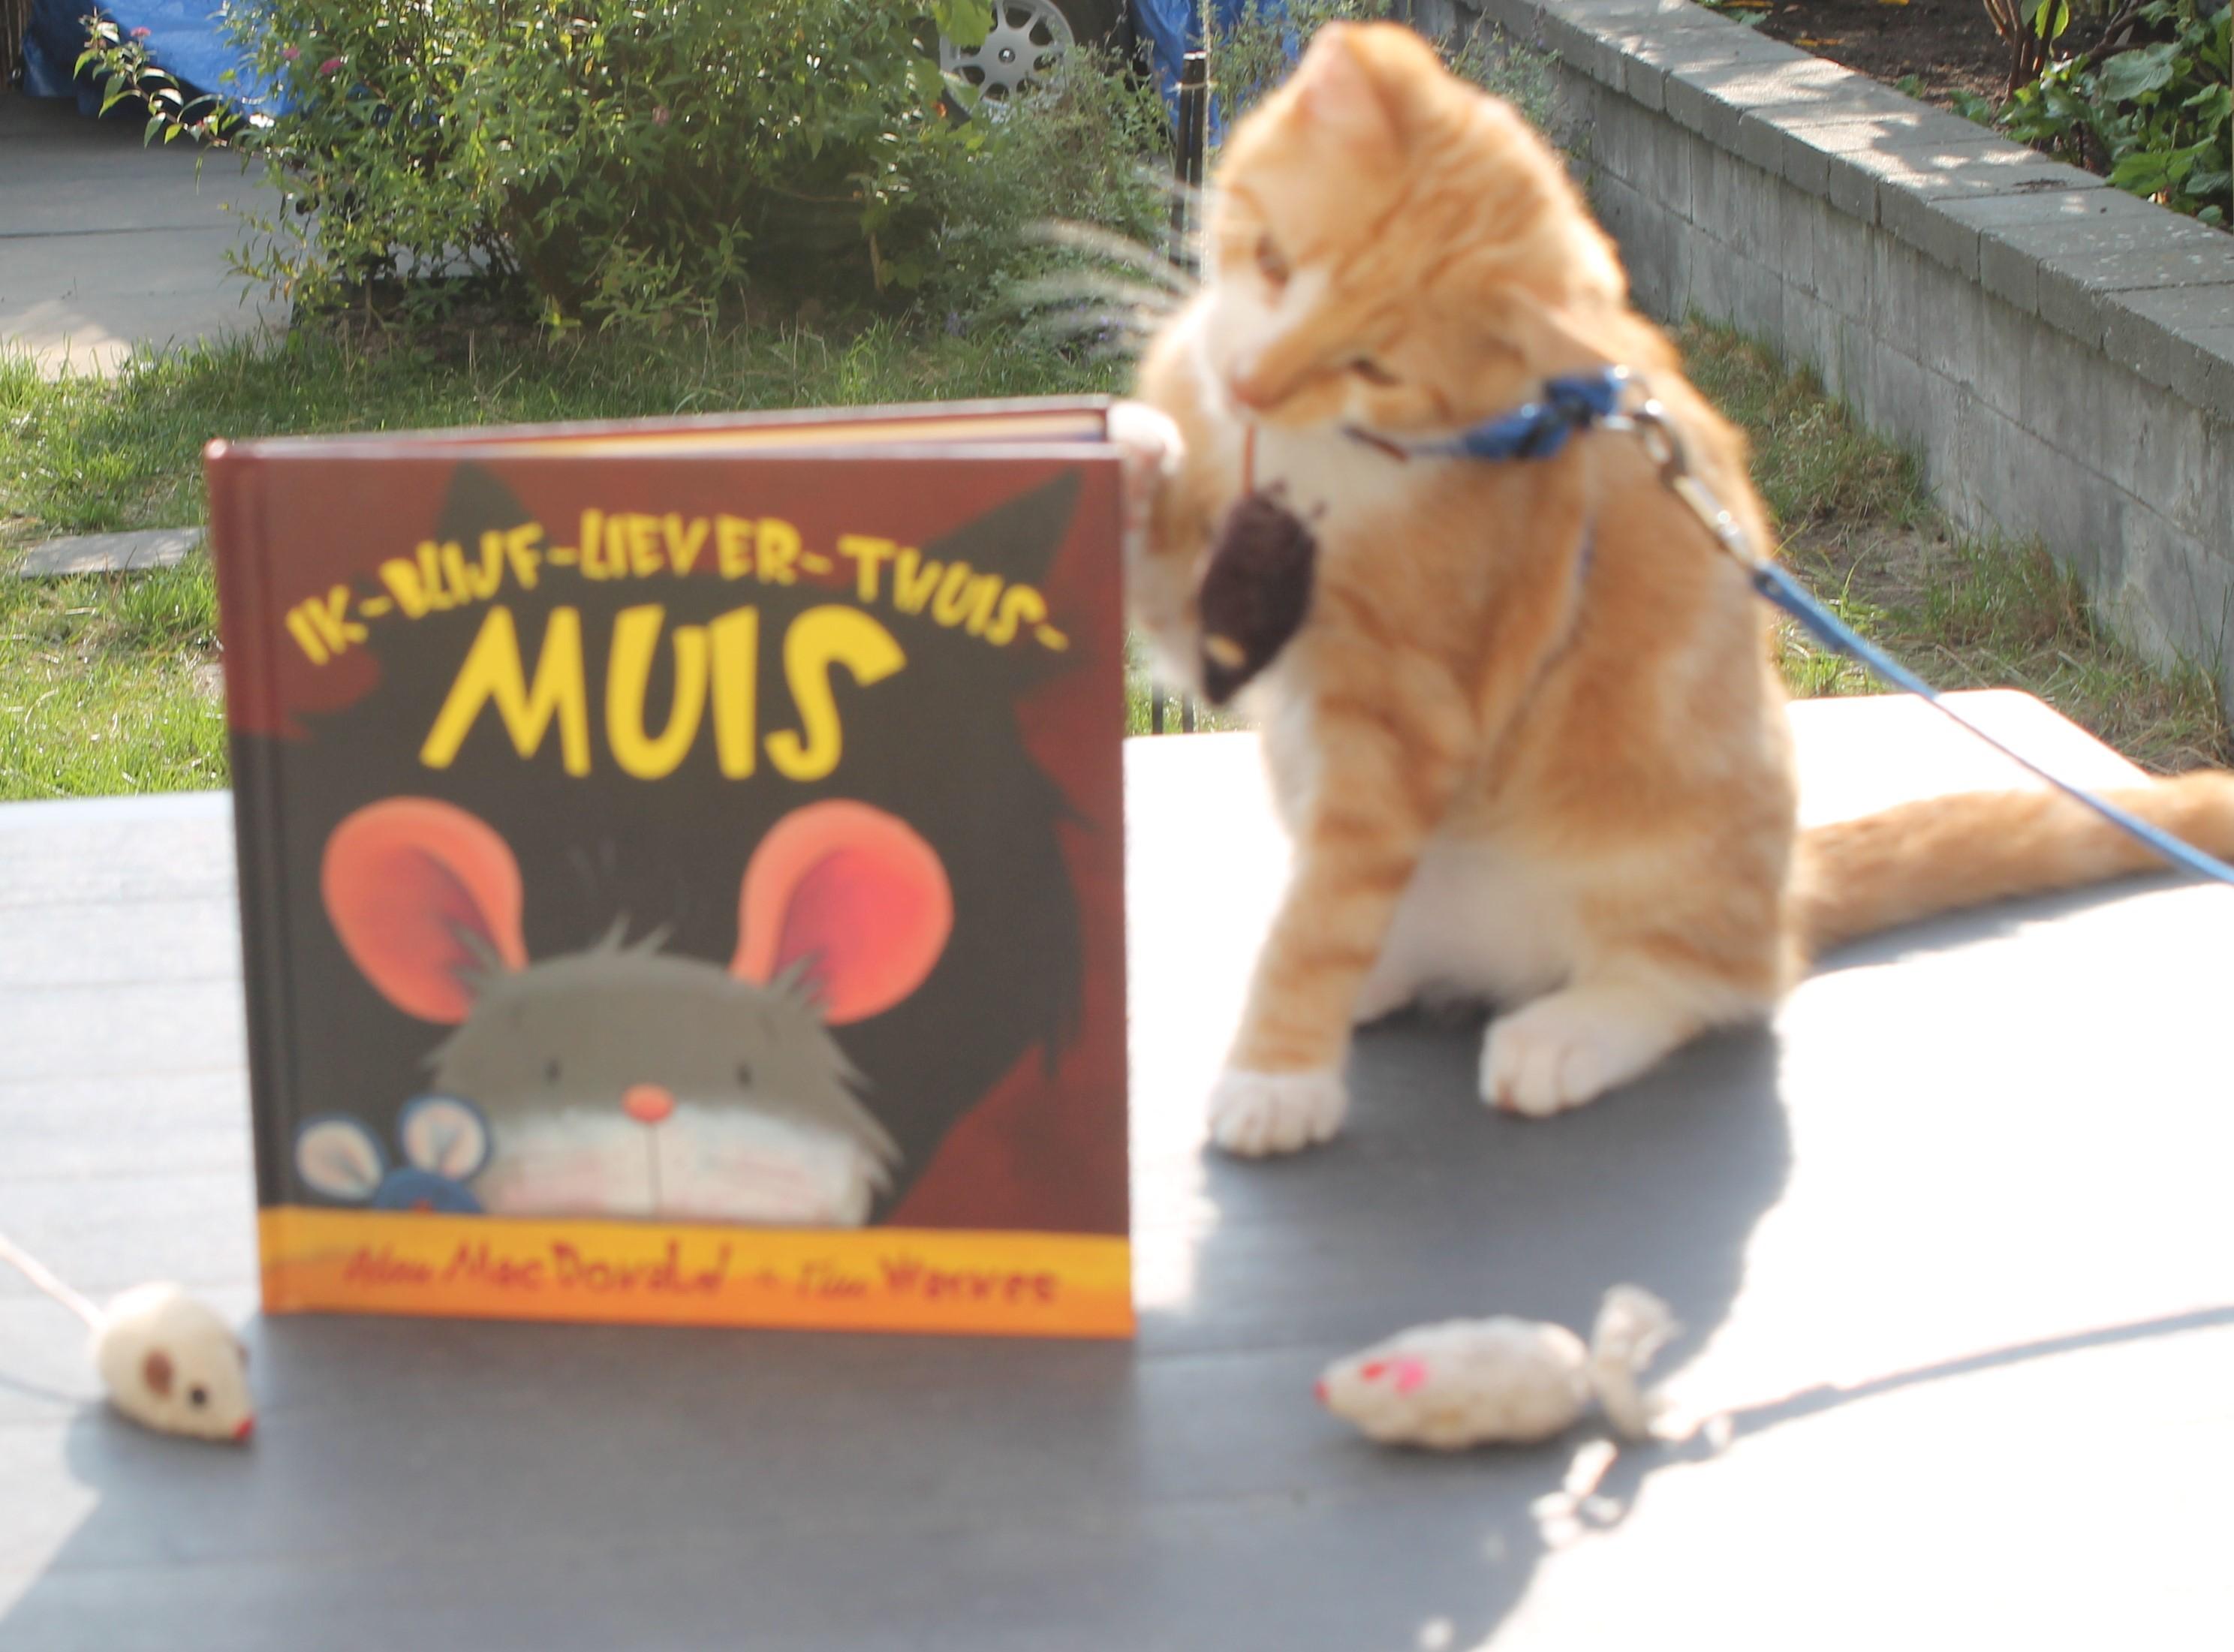 Ik-blijf-liever-thuis-muis